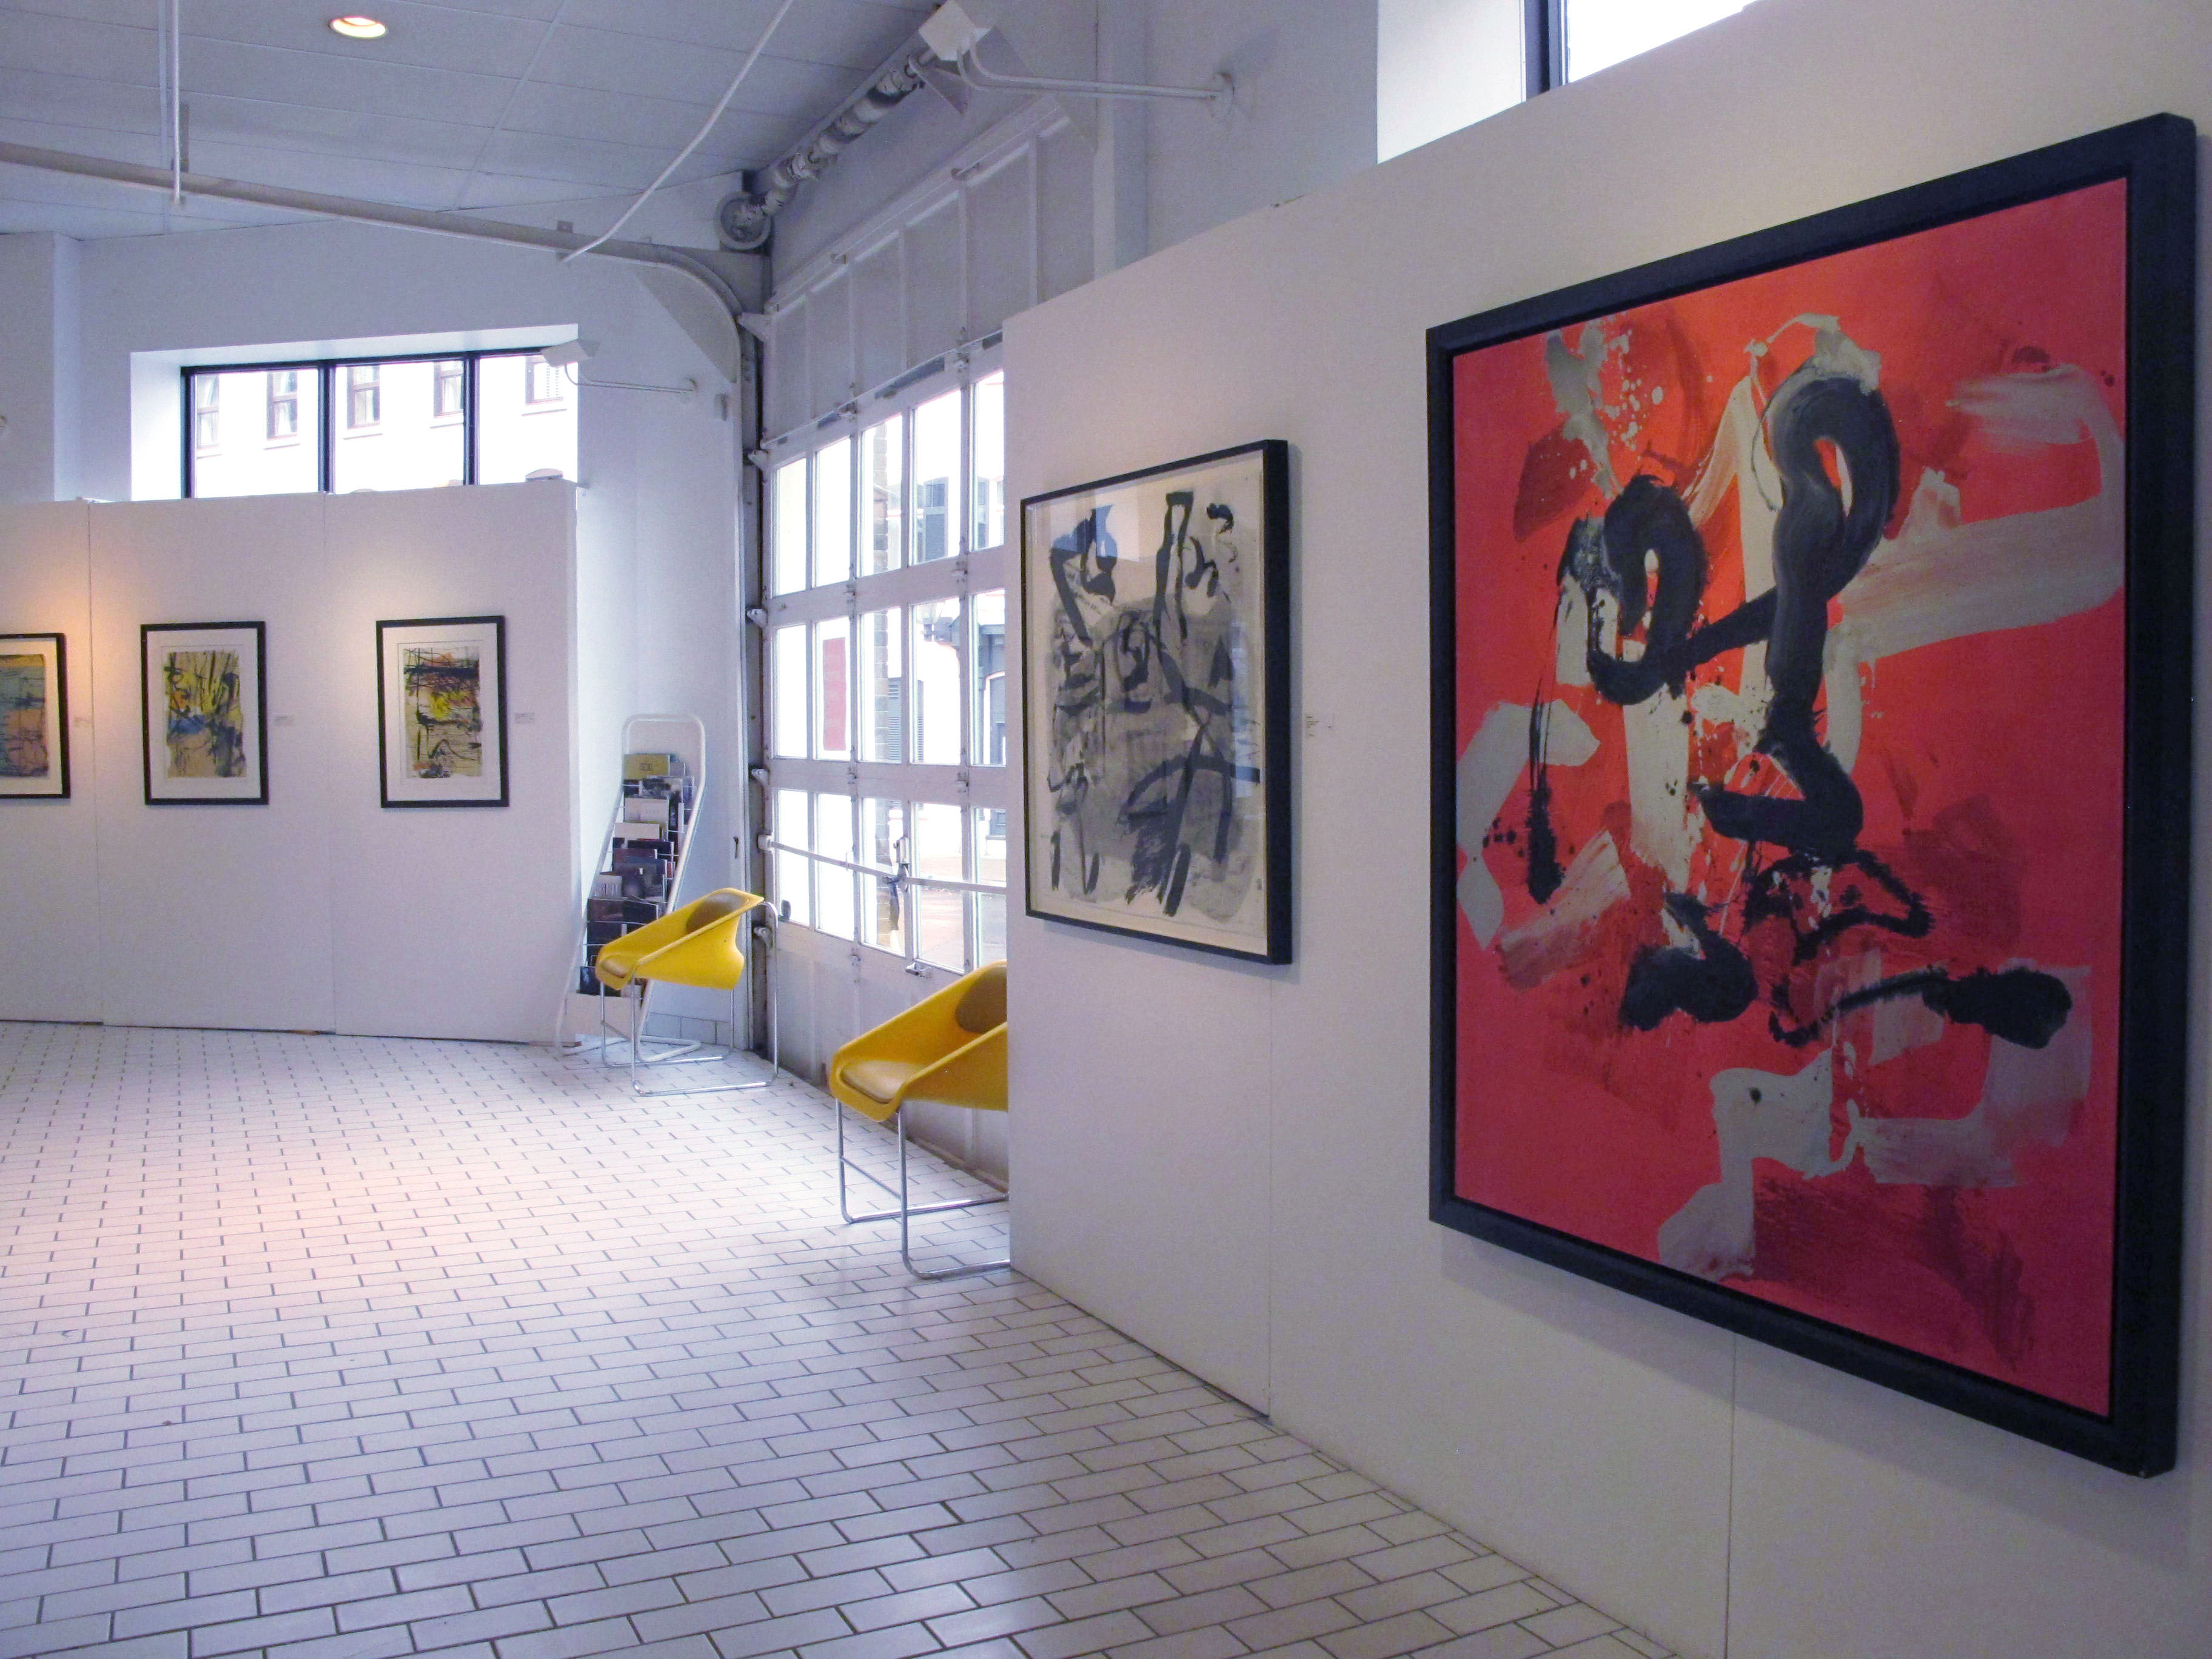 Galerie d'art Lacerte art contemporain, Québec